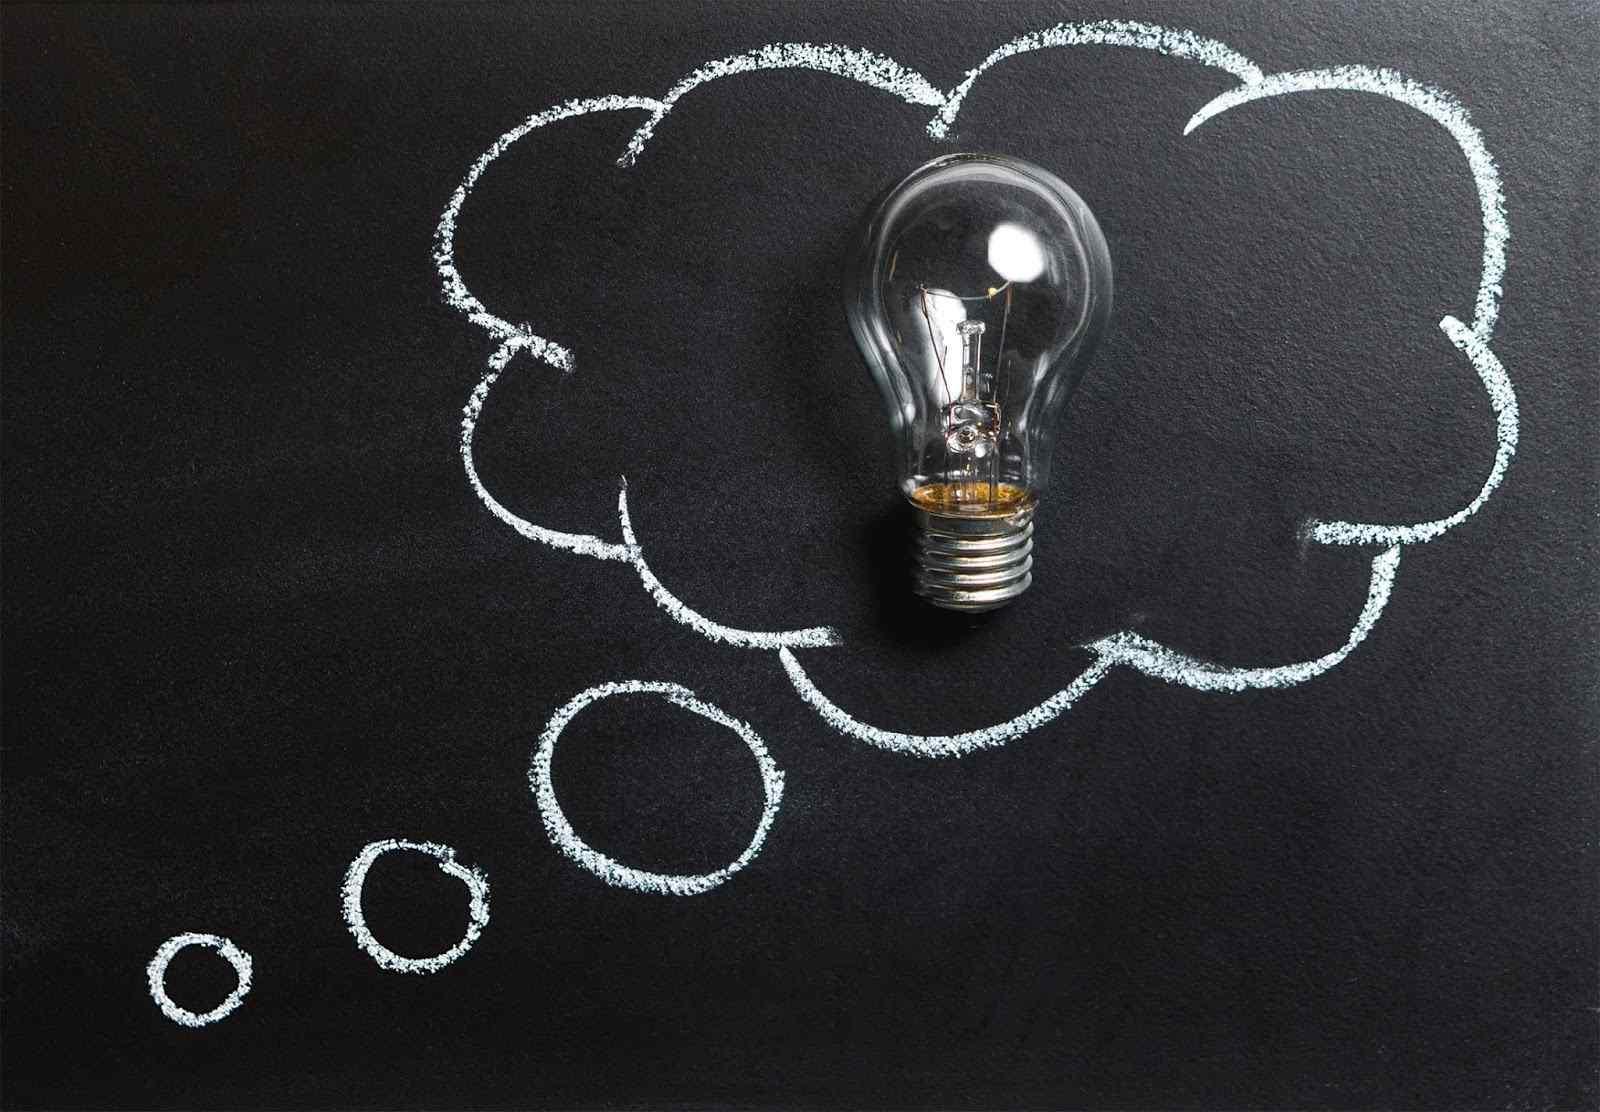 نابليون هيل,كتاب مسموع,كسب المال من الانترنت,كتاب,فكر تصبح غنيا,ربح المال,الربح من الانترنت للمبتدئين,الربح من الانترنت,تنمية بشرية,طرق الربح من الانترنت,الربح من الانترنت بدون راس مال,النجاح,كتب علم نفس,المال,كتاب صوتي